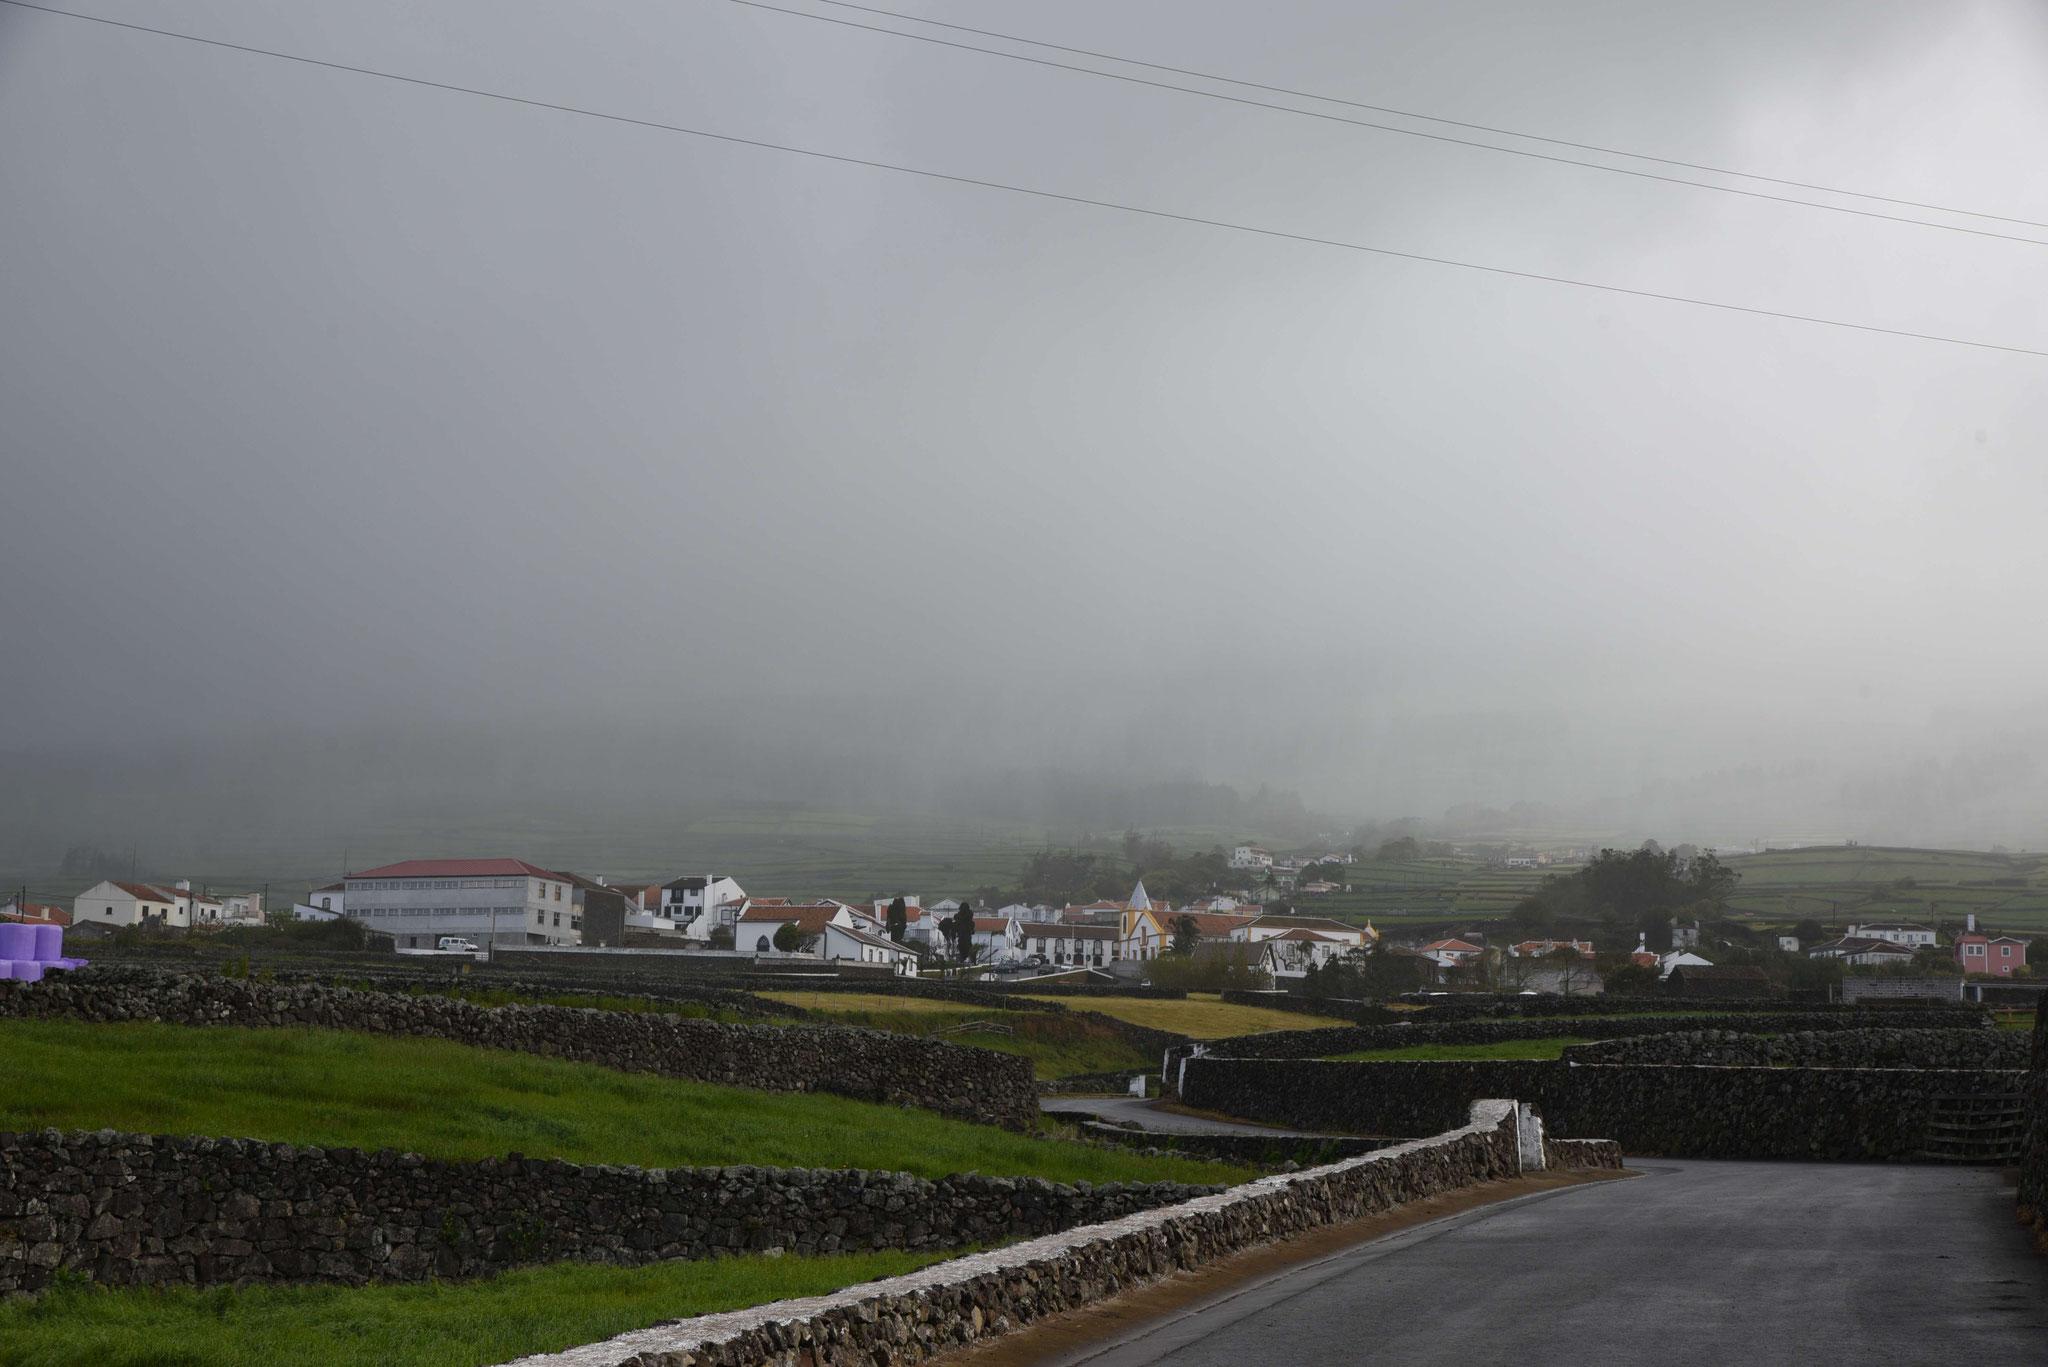 Wolkenverhangene Ausblicke kamen leider häufiger vor